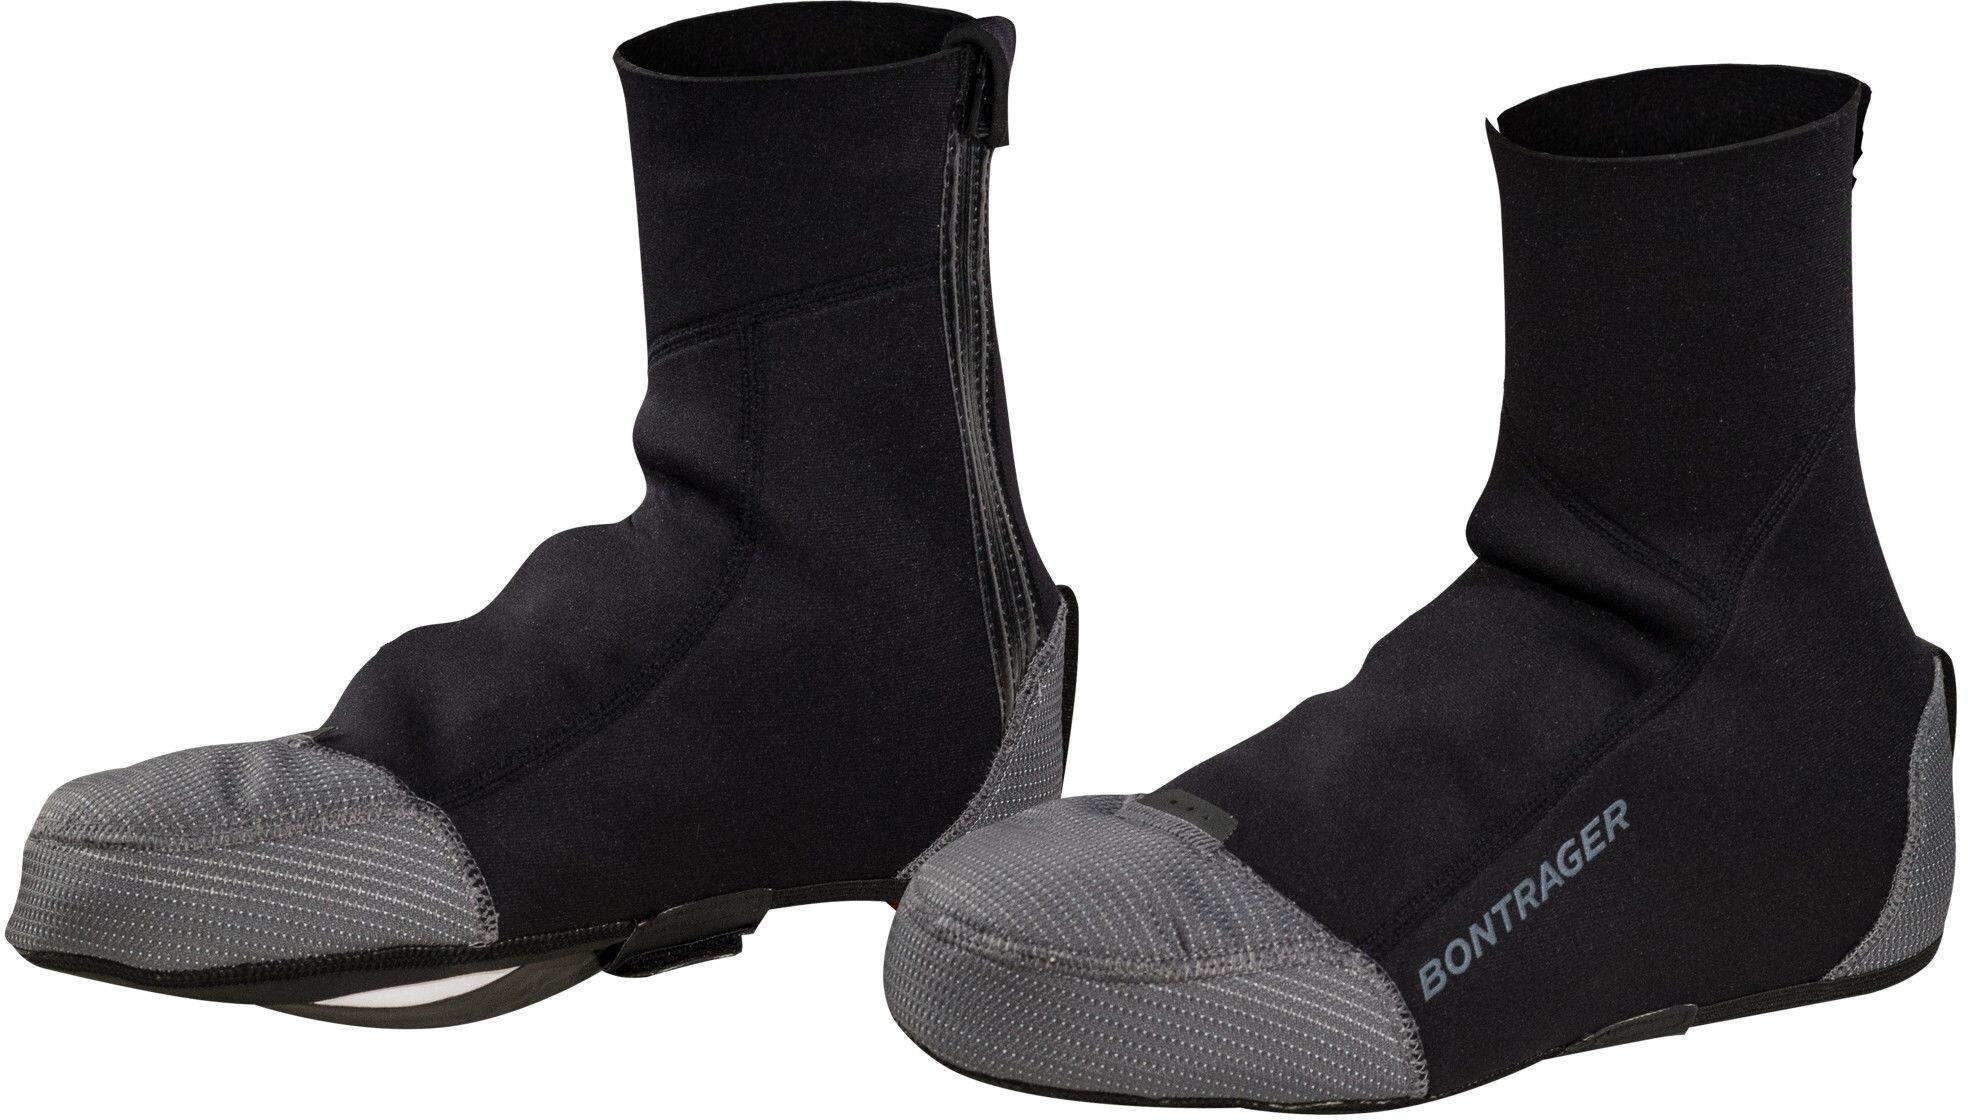 Bontrager S2 Skoovertræk, black | shoecovers_clothes